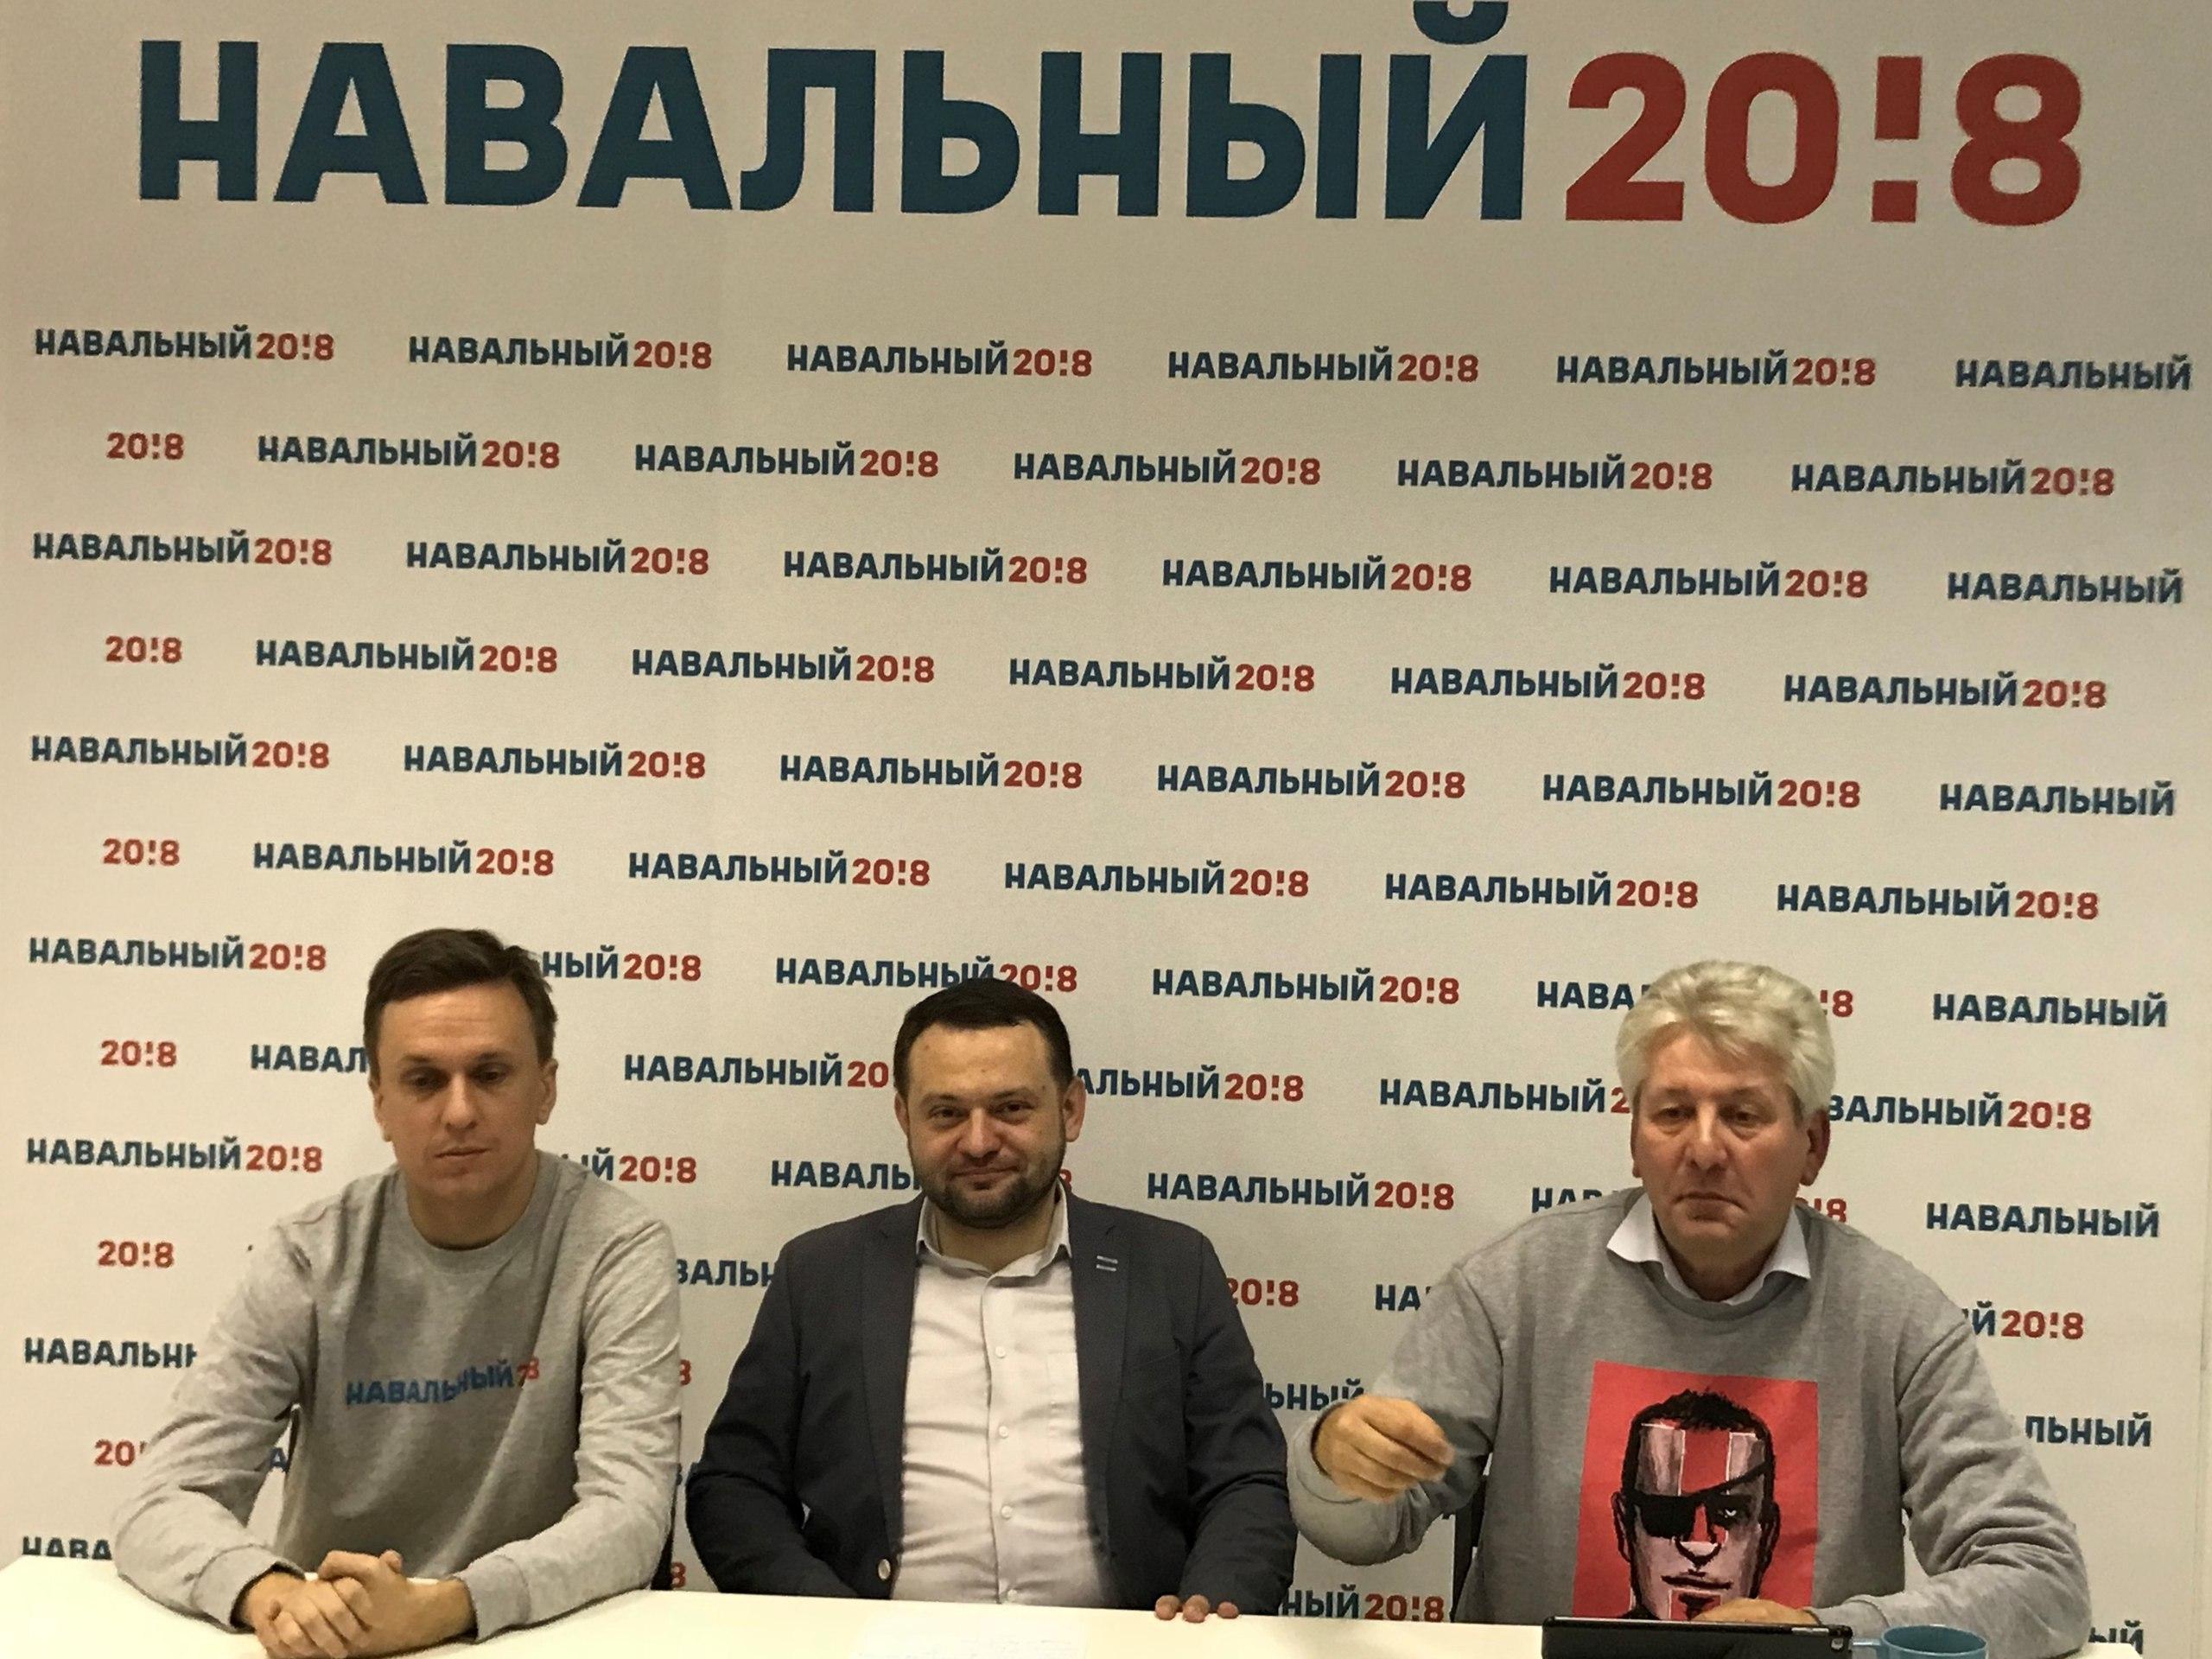 Штаб Навального в Новосибирске сообщил о еще 10 обвинениях